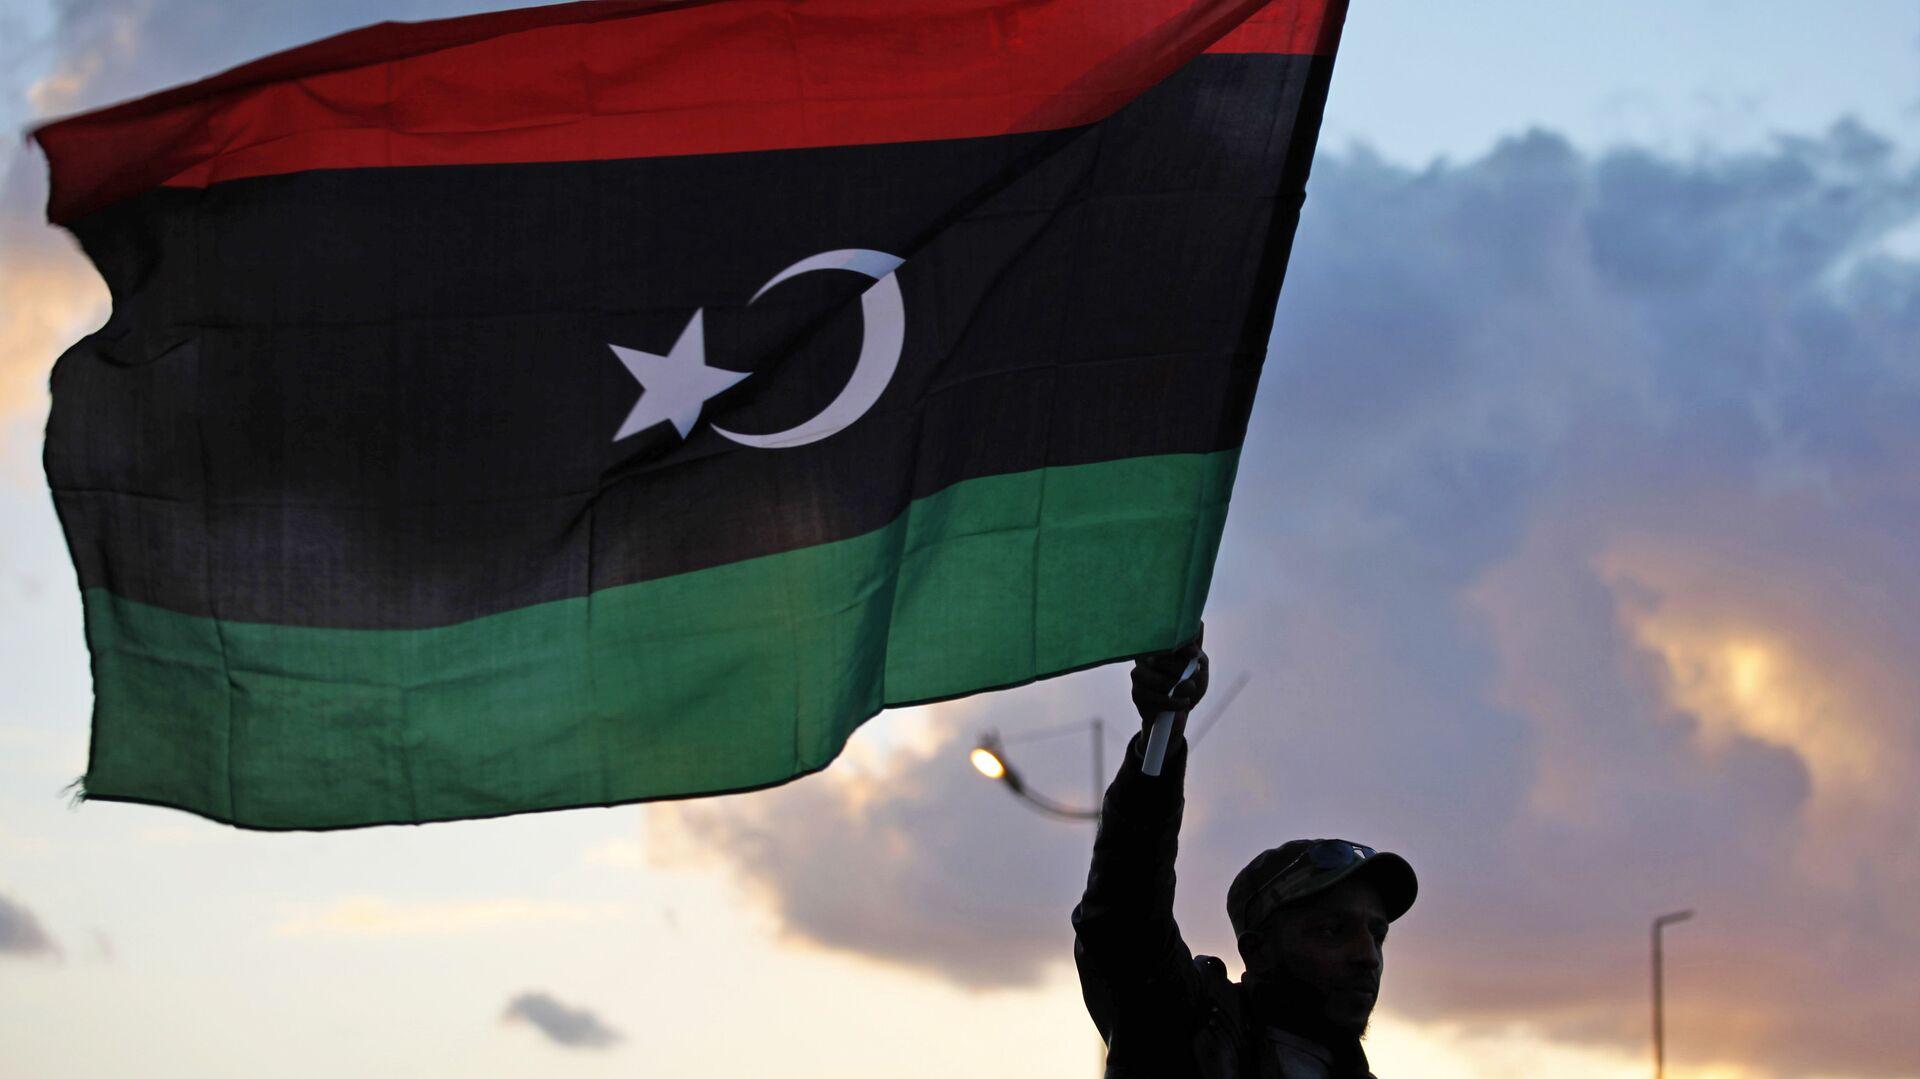 La bandiera della Libia - Sputnik Italia, 1920, 15.02.2021